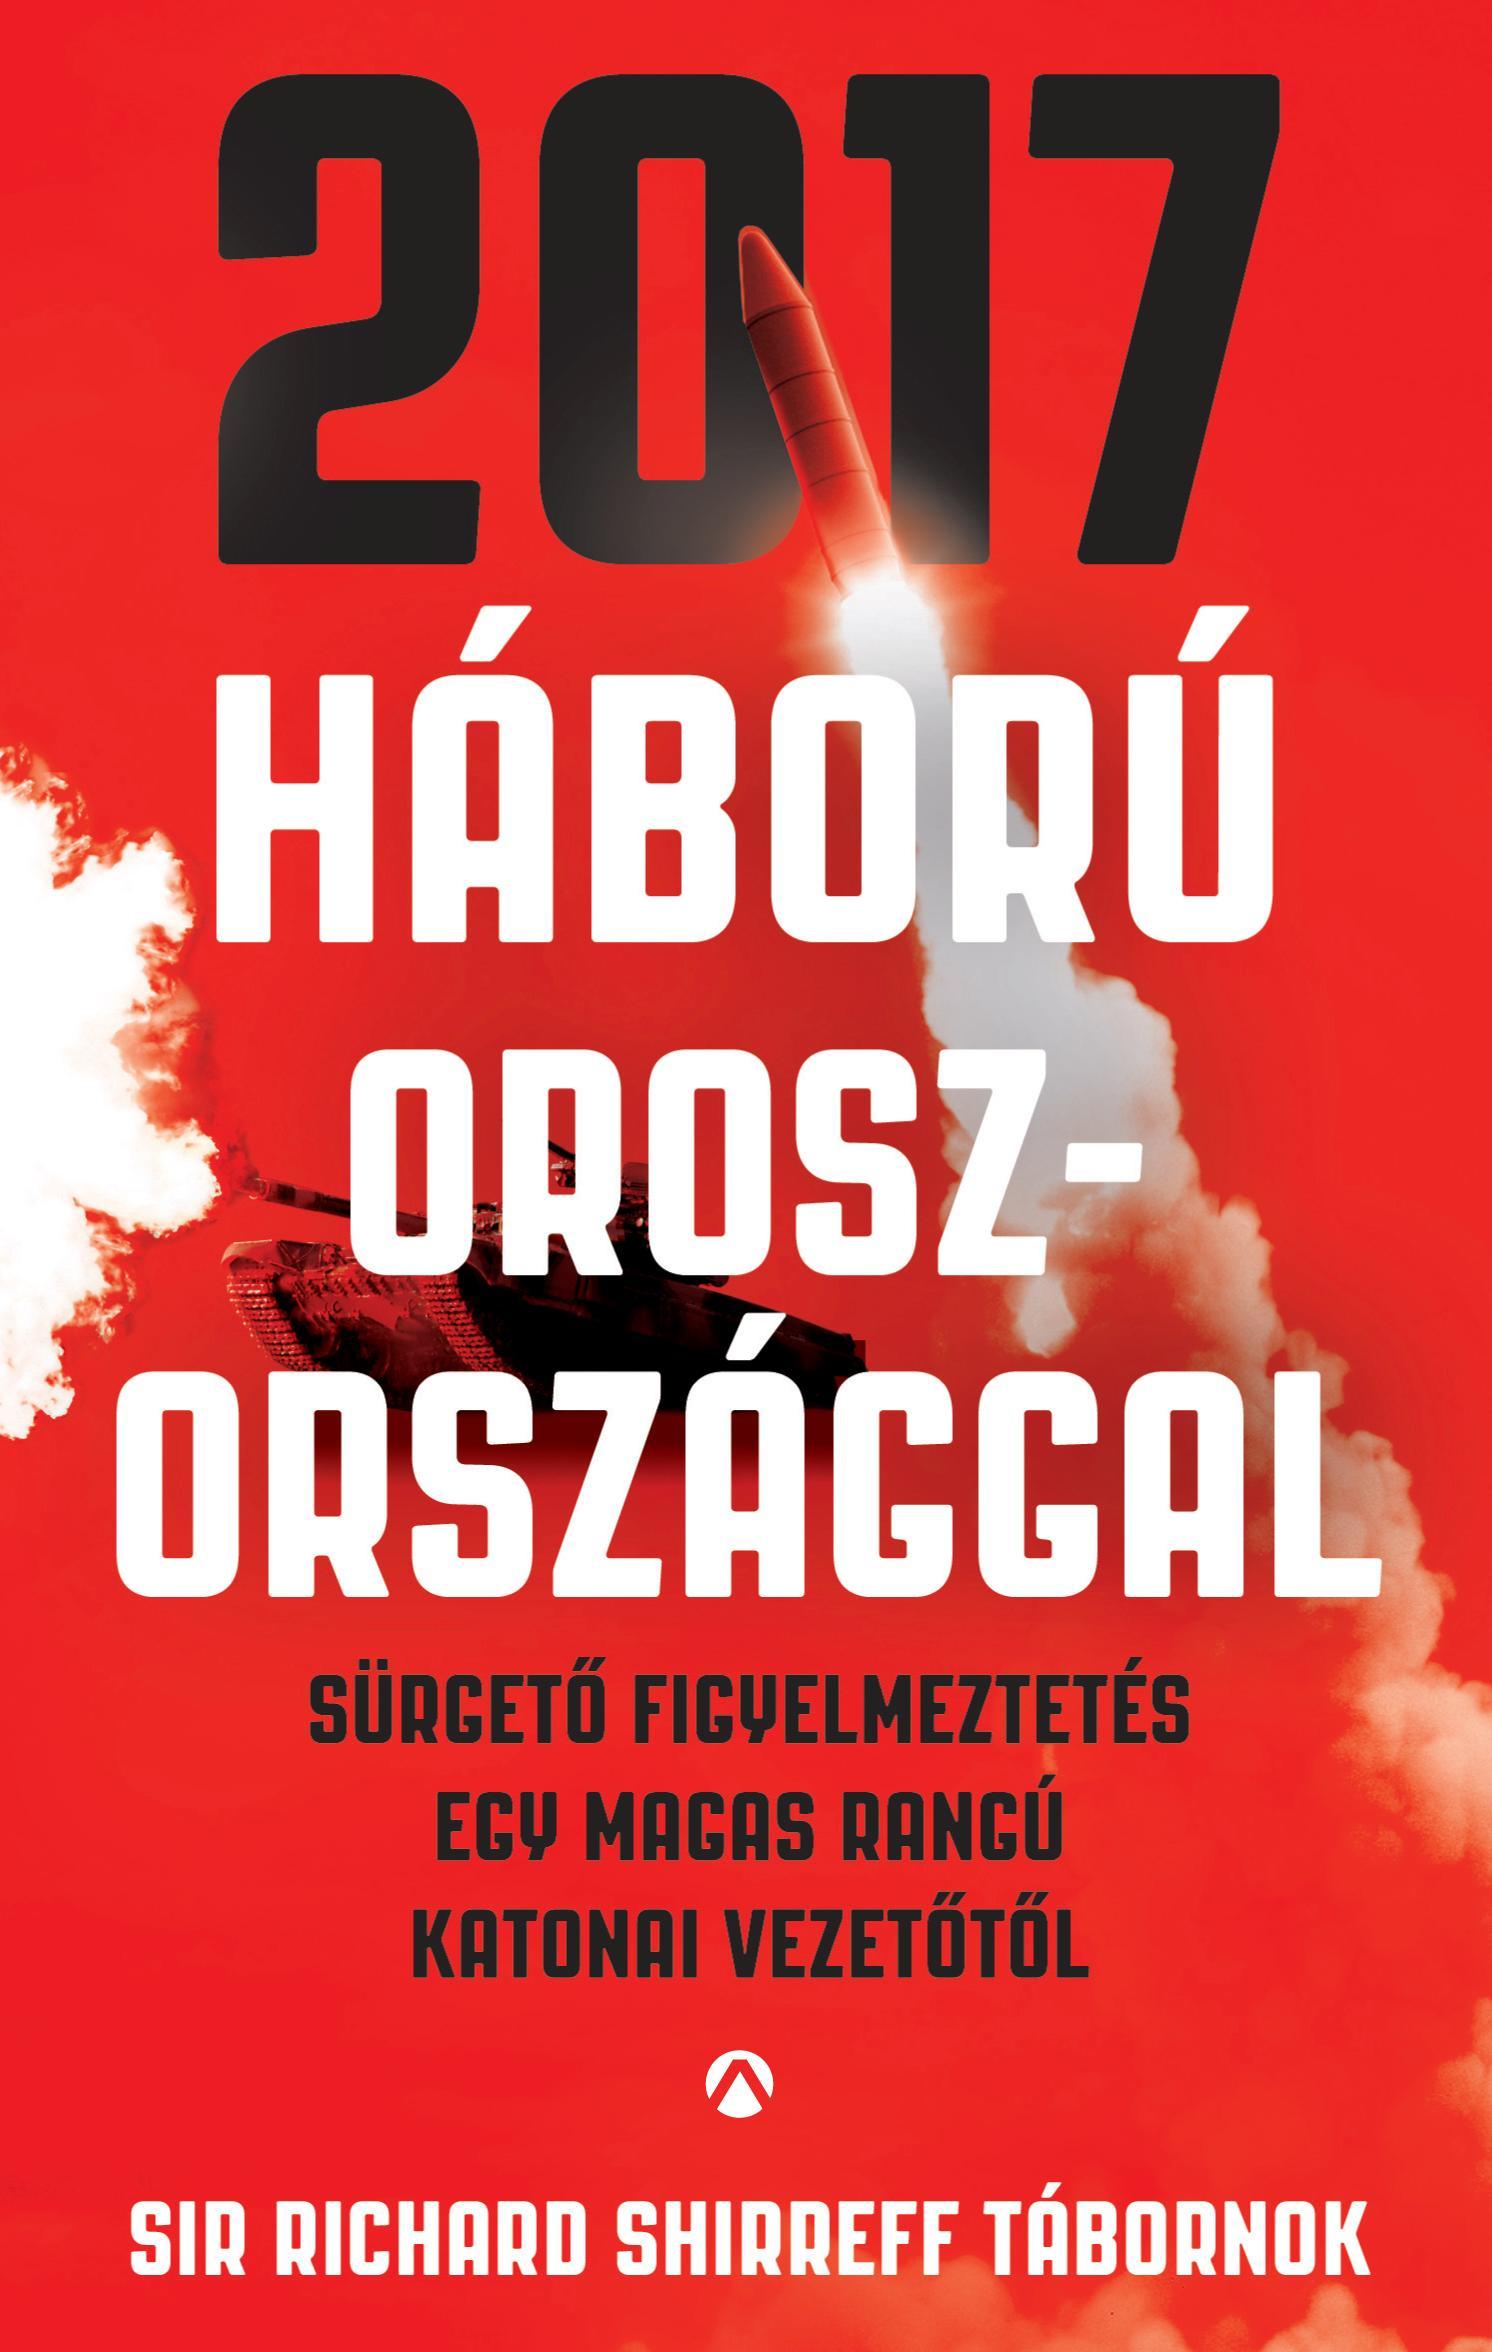 2017 - HÁBORÚ OROSZORSZÁGGAL